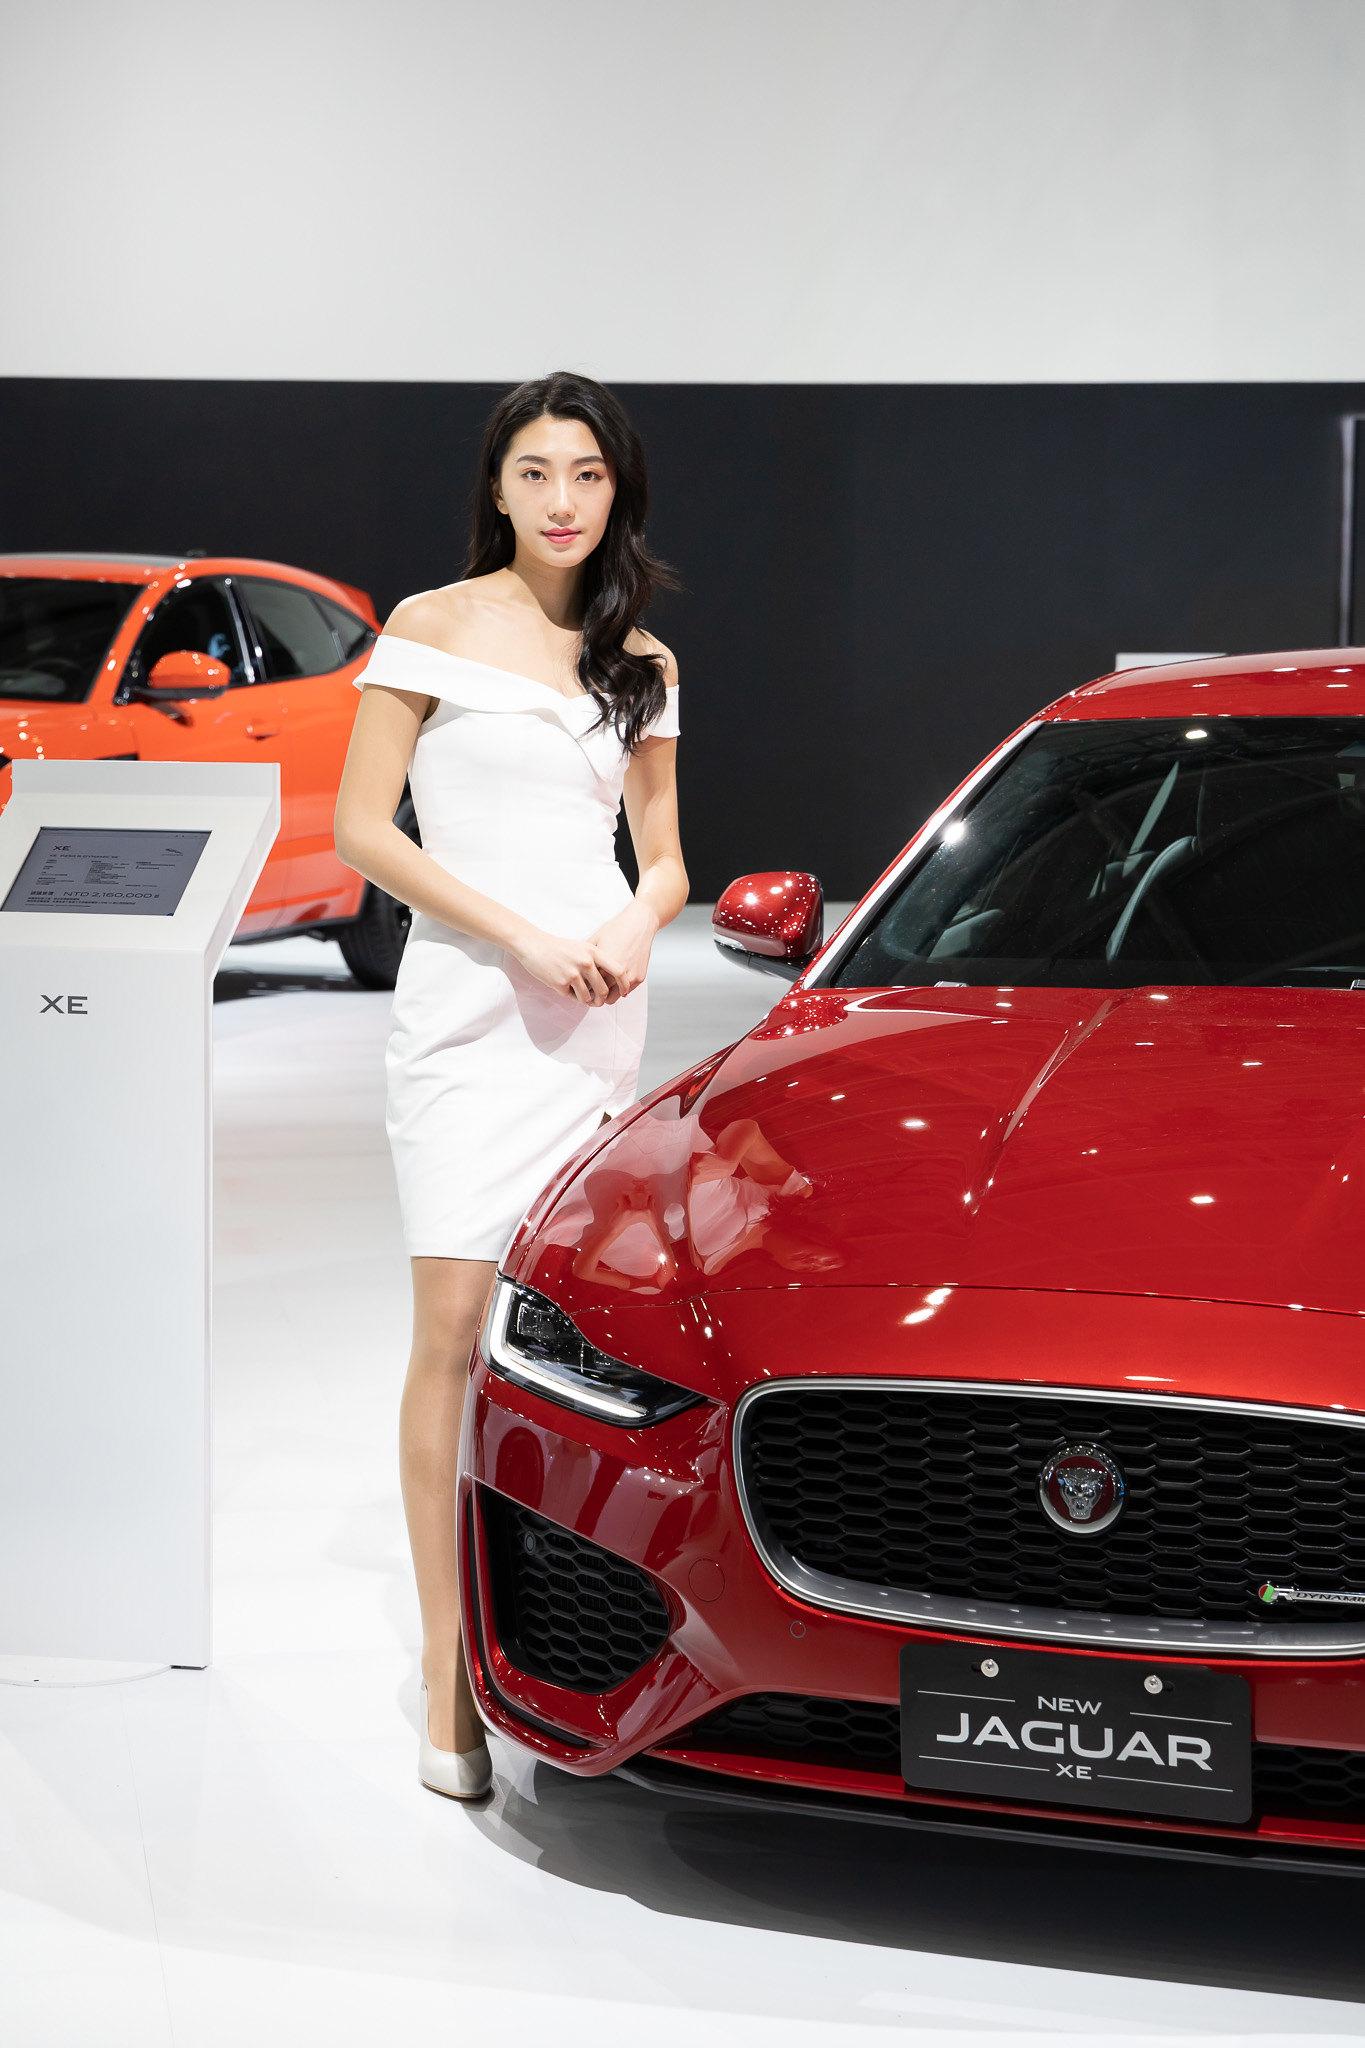 汽車 Cars - 台北 2020 Taipei 2020 #0114